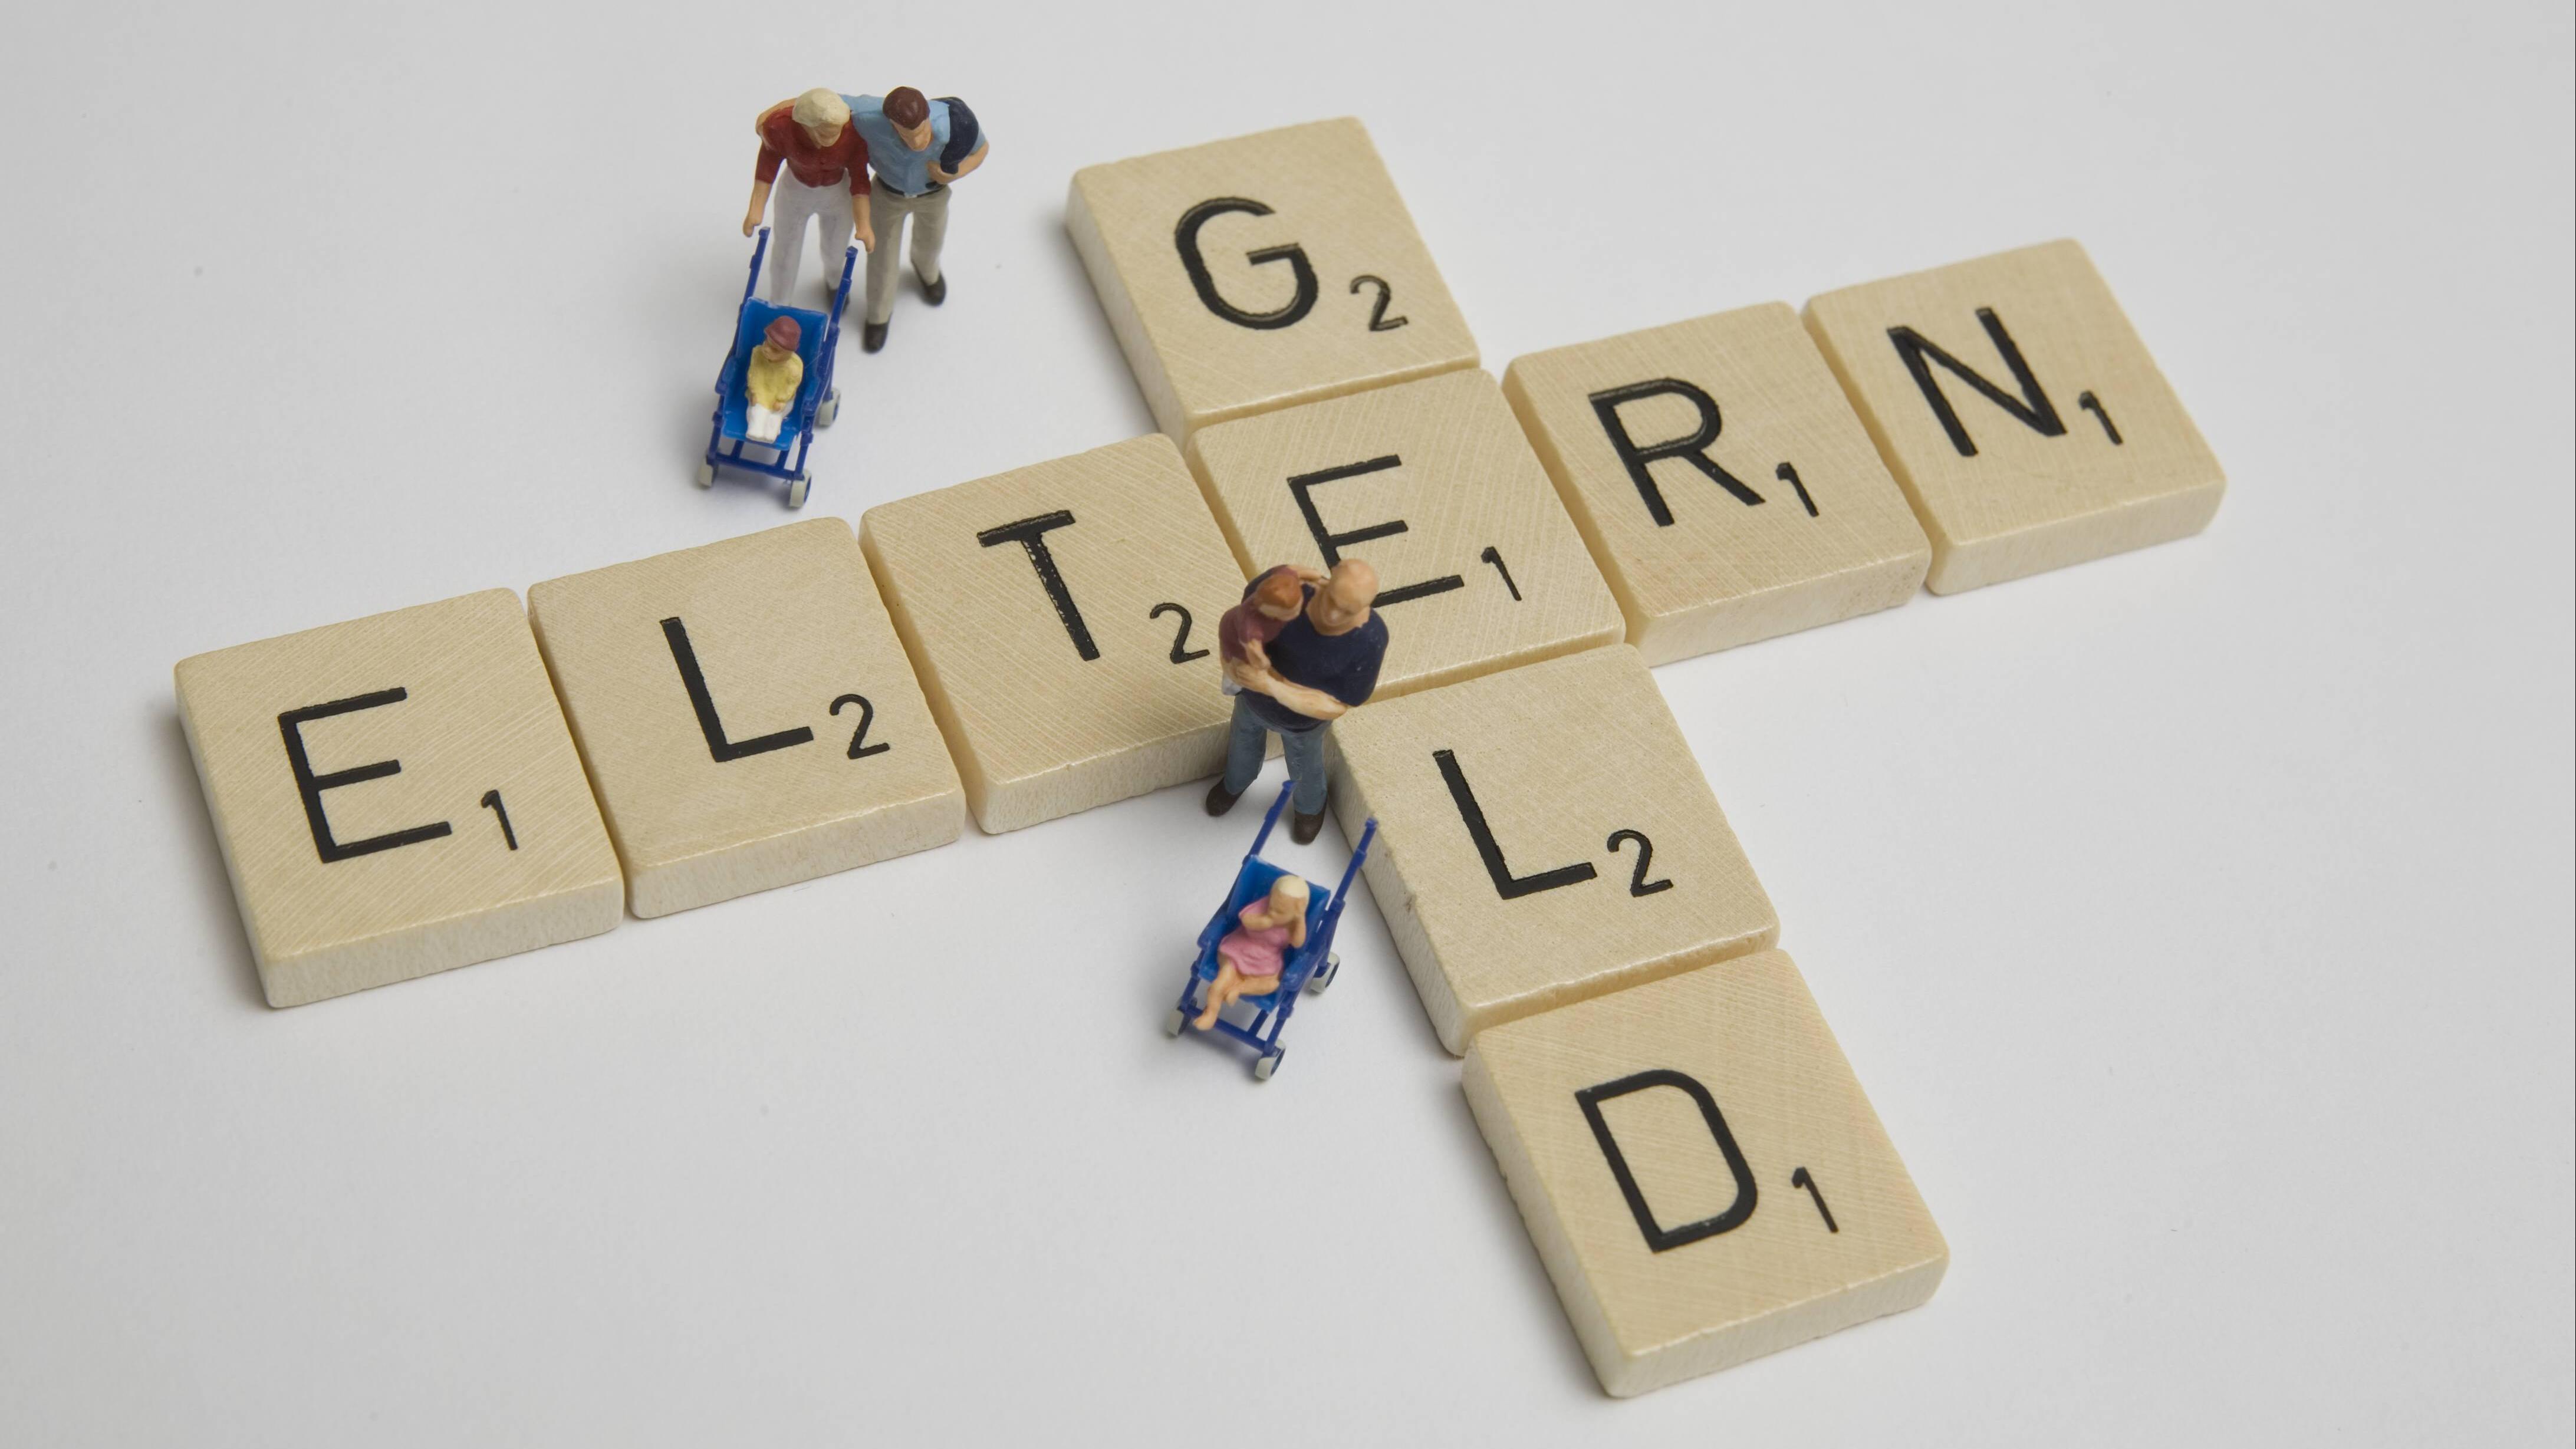 Elterngeld - Schriftzug aus Scrabblesteinen mit Spielfiguren